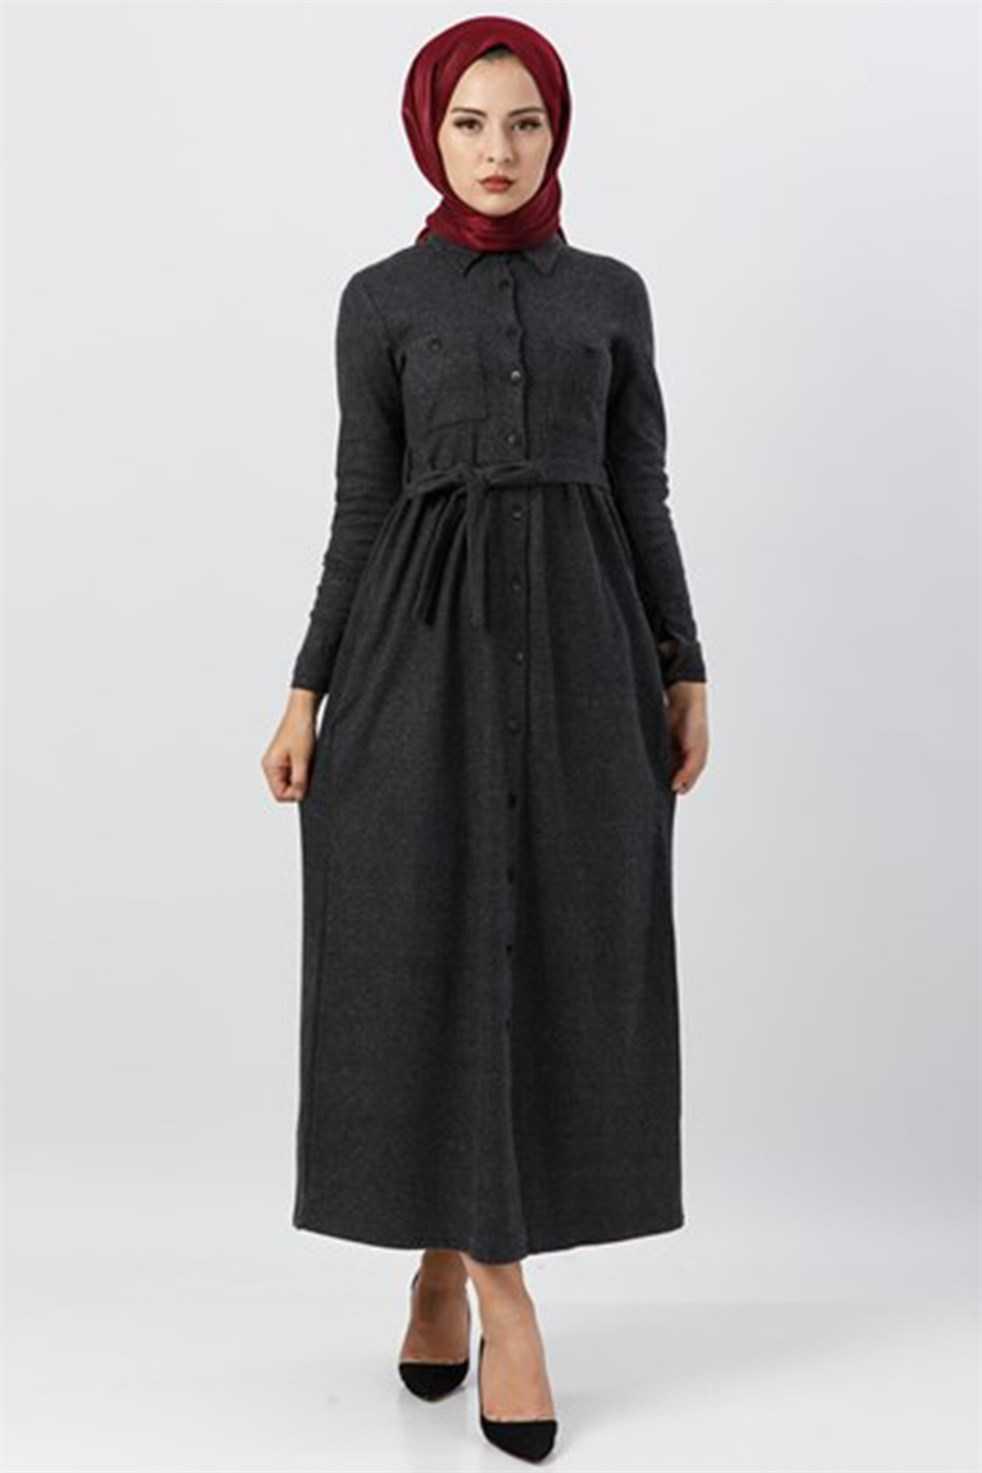 Instyle Boydan Tesettür Elbise Modelleri